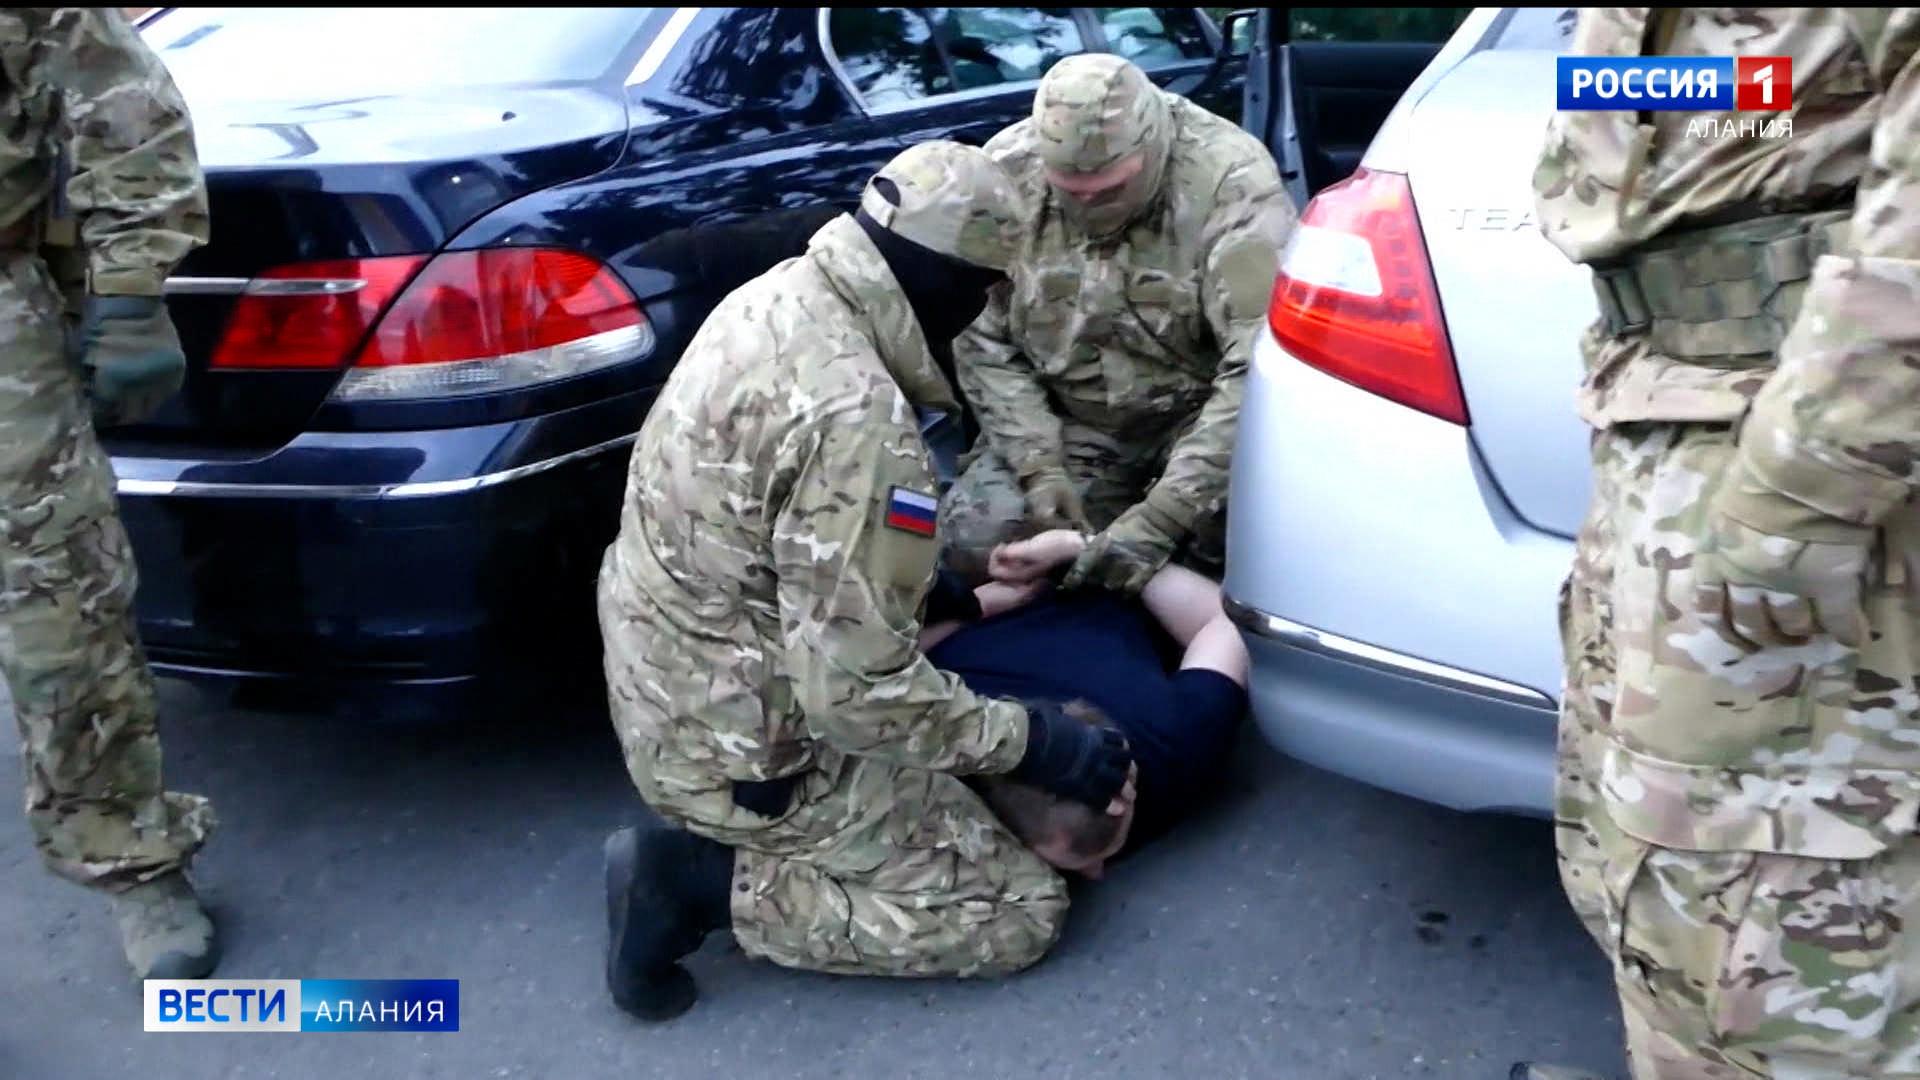 В отношении руководителя следственного отдела СКР во Владикавказе и его подчиненного возбуждено уголовное дело